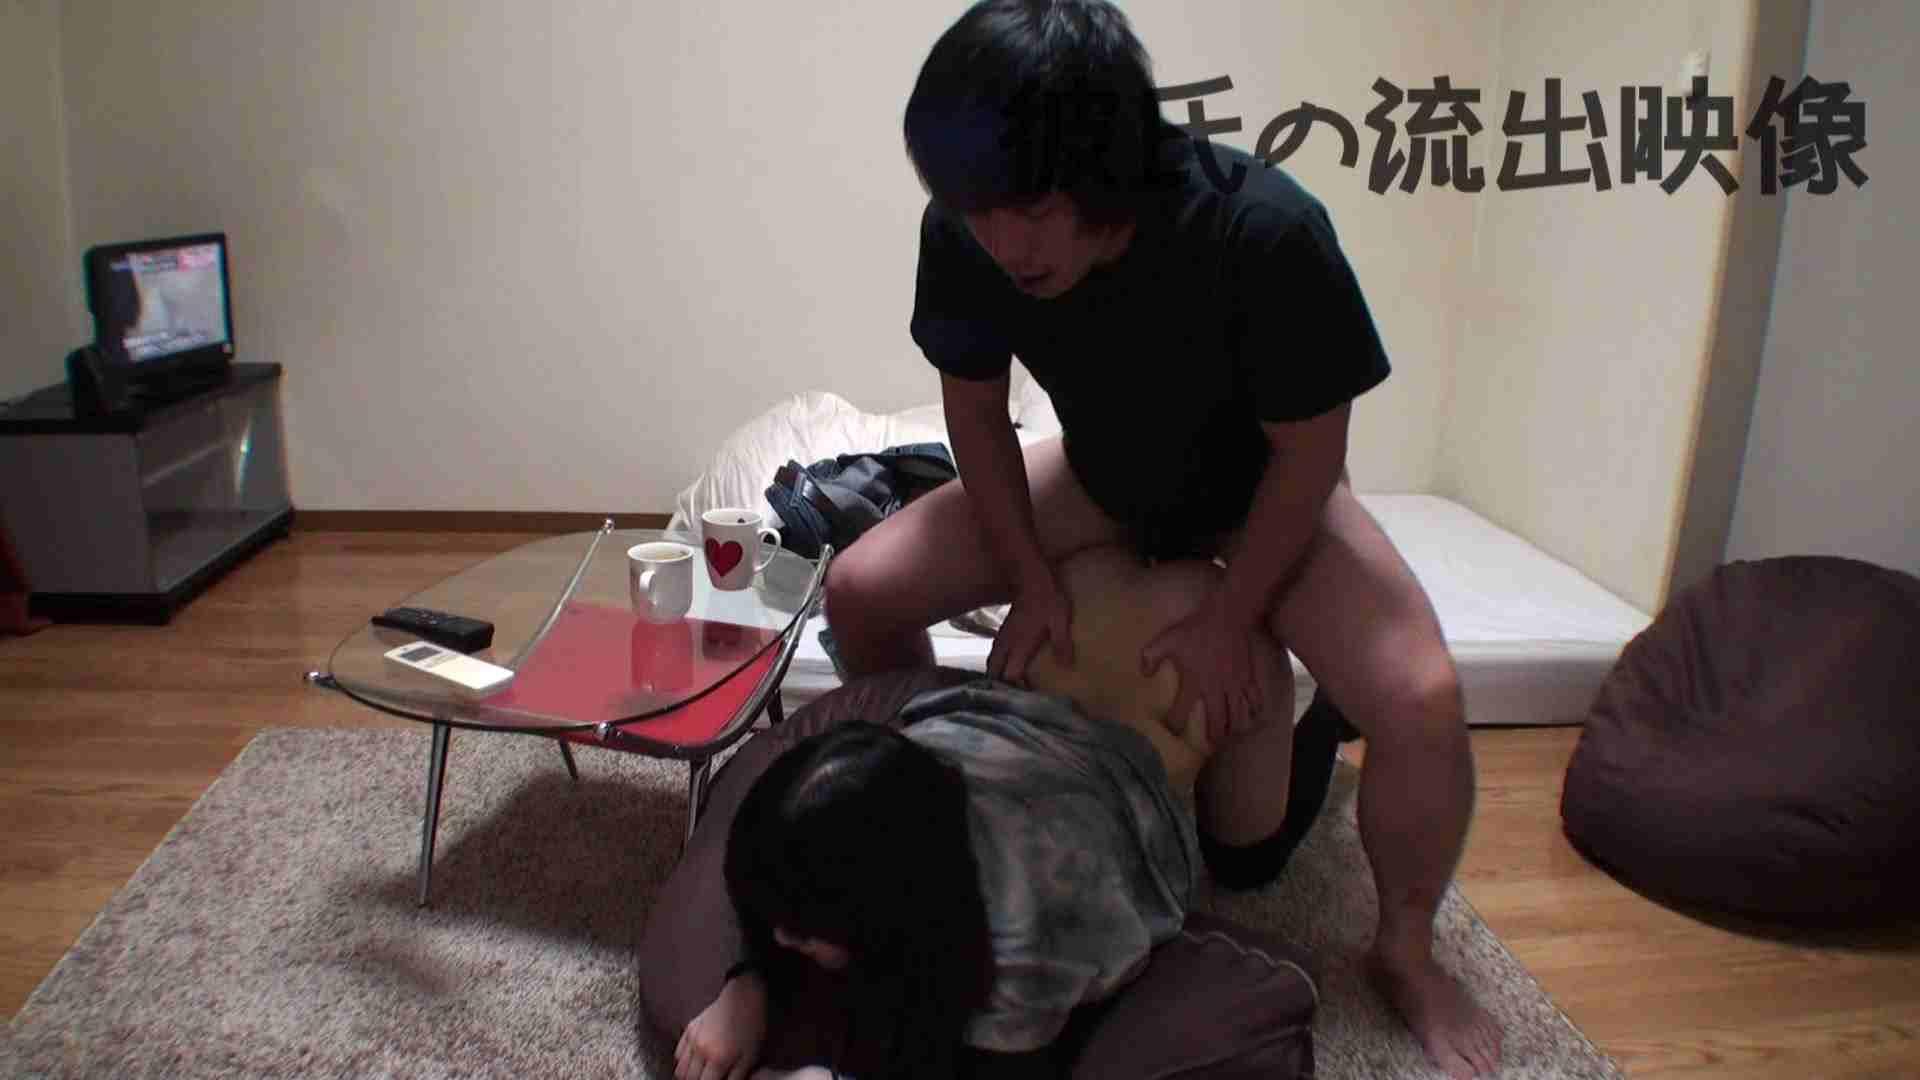 彼氏が流出 パイパン素人嬢のハメ撮り映像02 中出し のぞき動画画像 48PIX 41